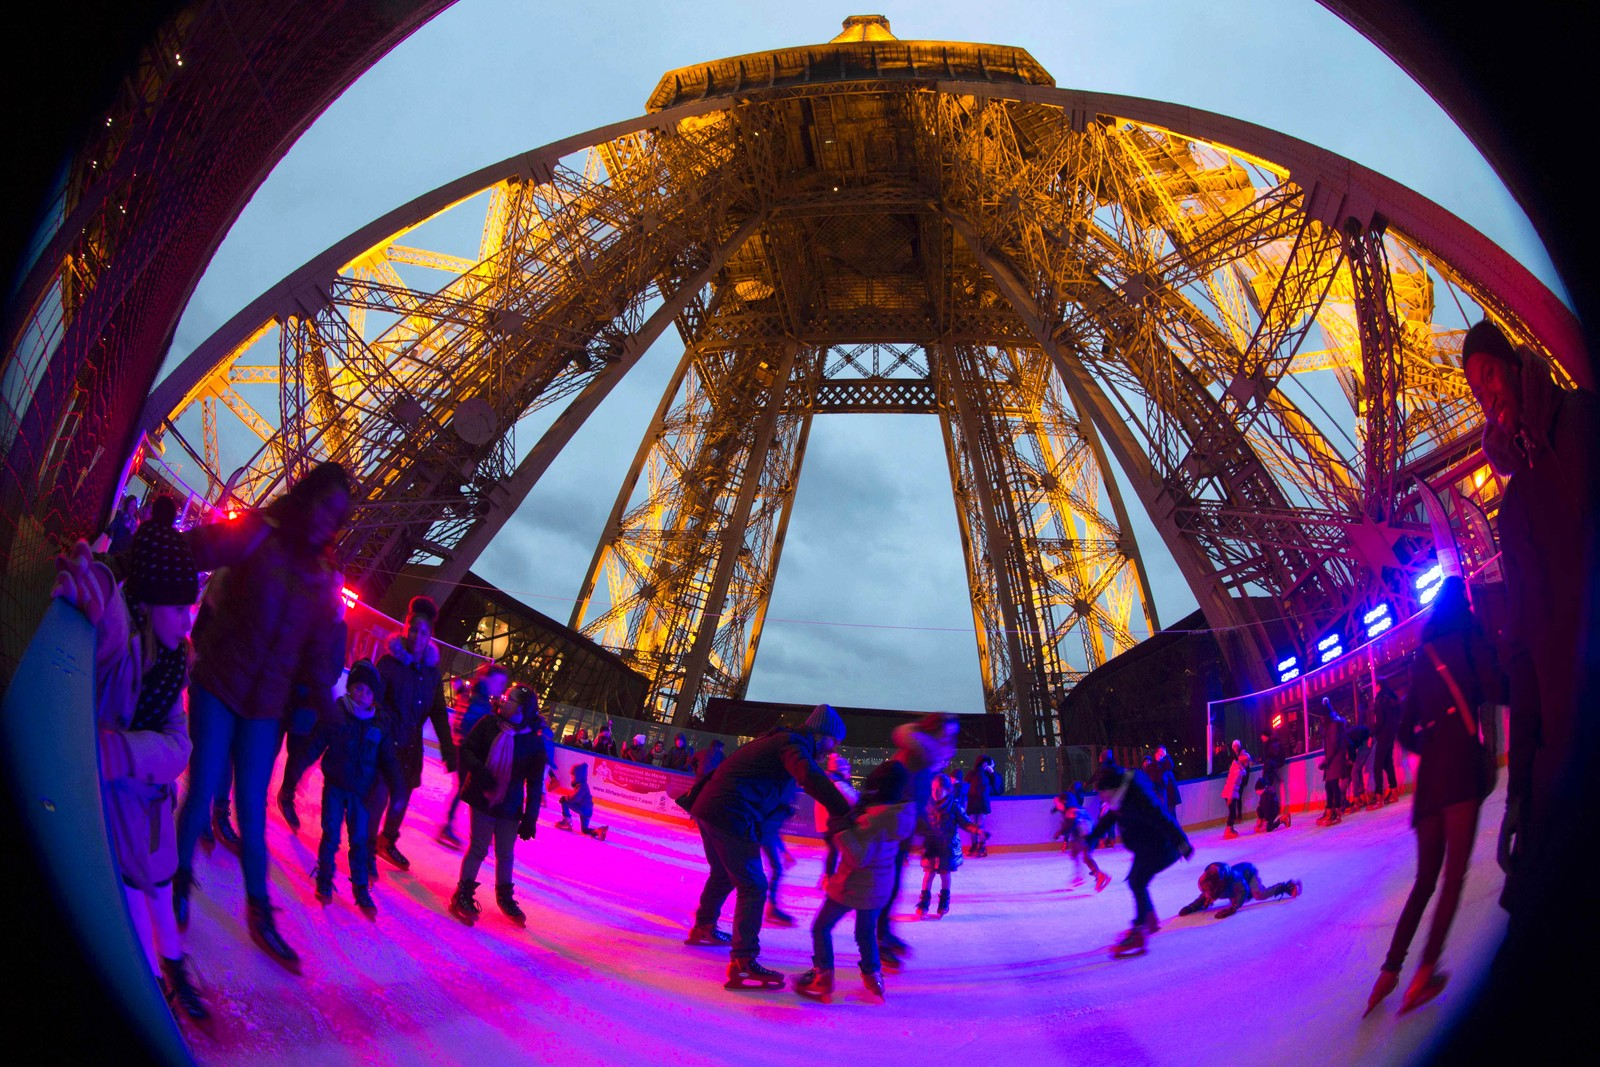 Mennesker koser seg på isen som ligger på Eiffeltårnets første etasje. Isen ligger 57 meter over bakken.